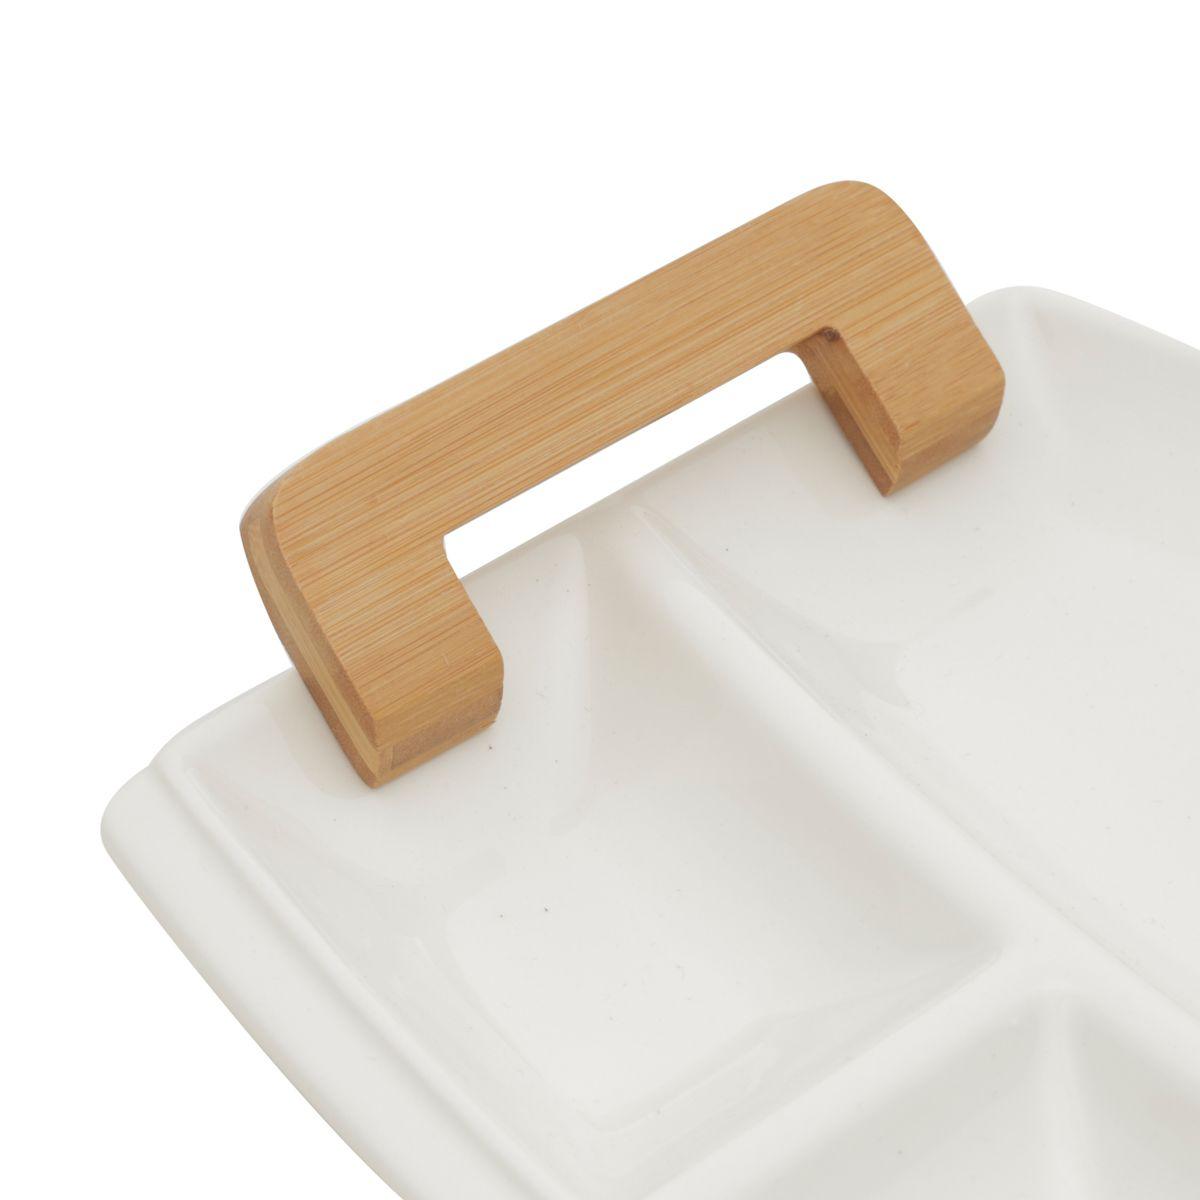 Petisqueira de Porcelana com Alça de Madeira Branco 37 X 22,3 X5cm